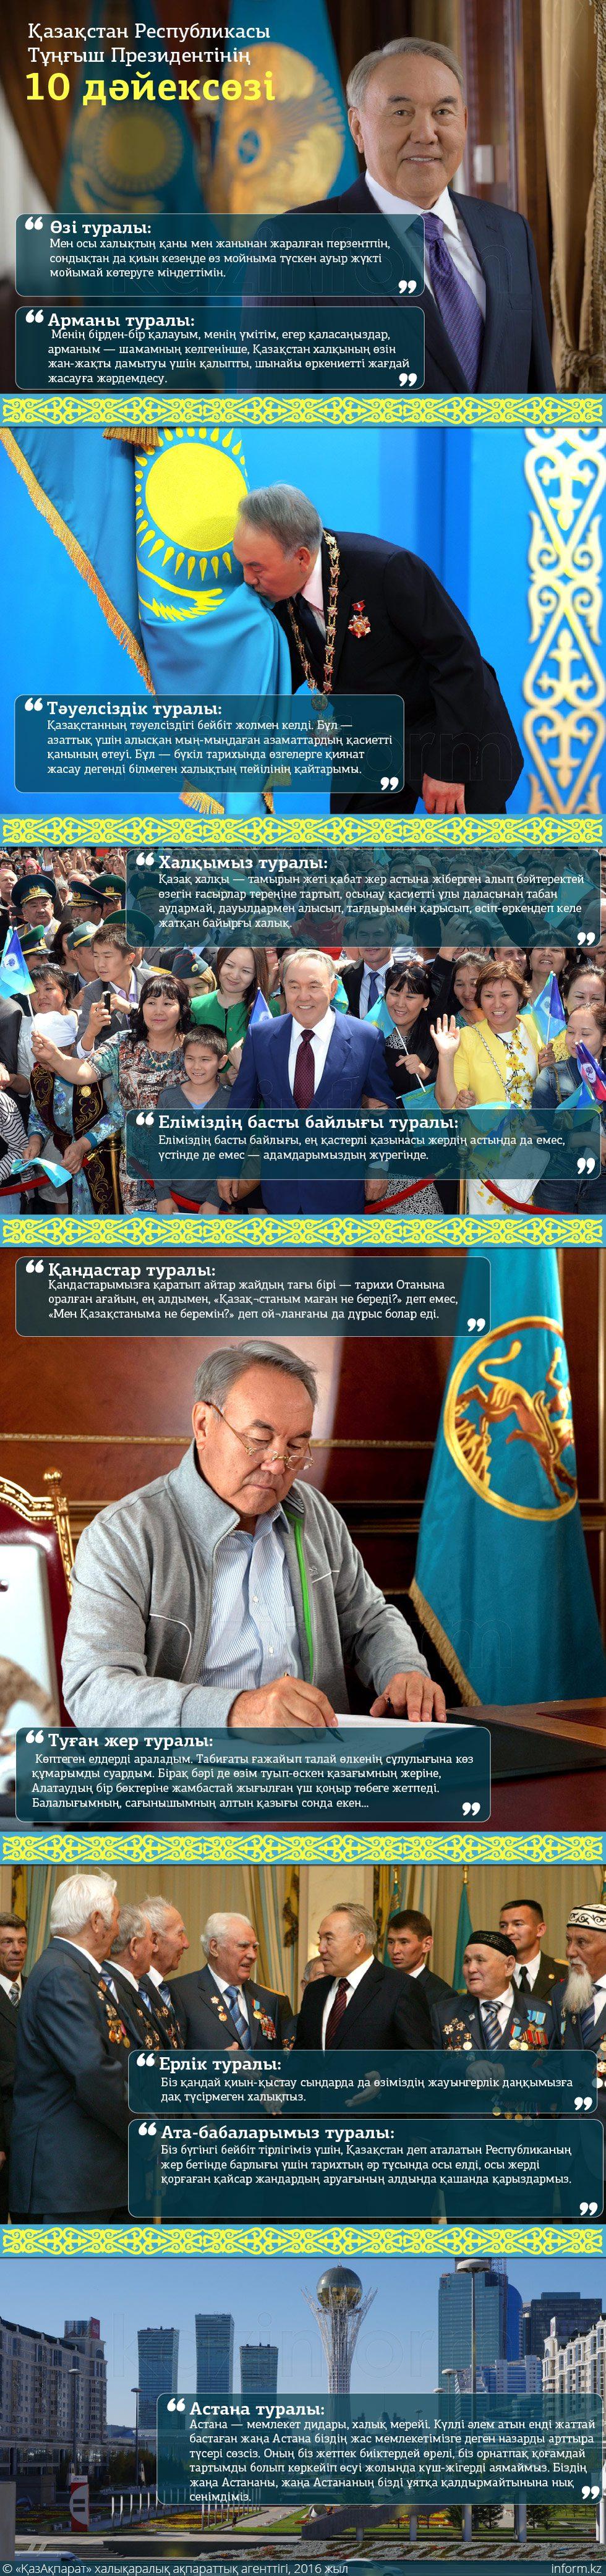 Нұрсұлтан Назарбаевтың дәйексөздері